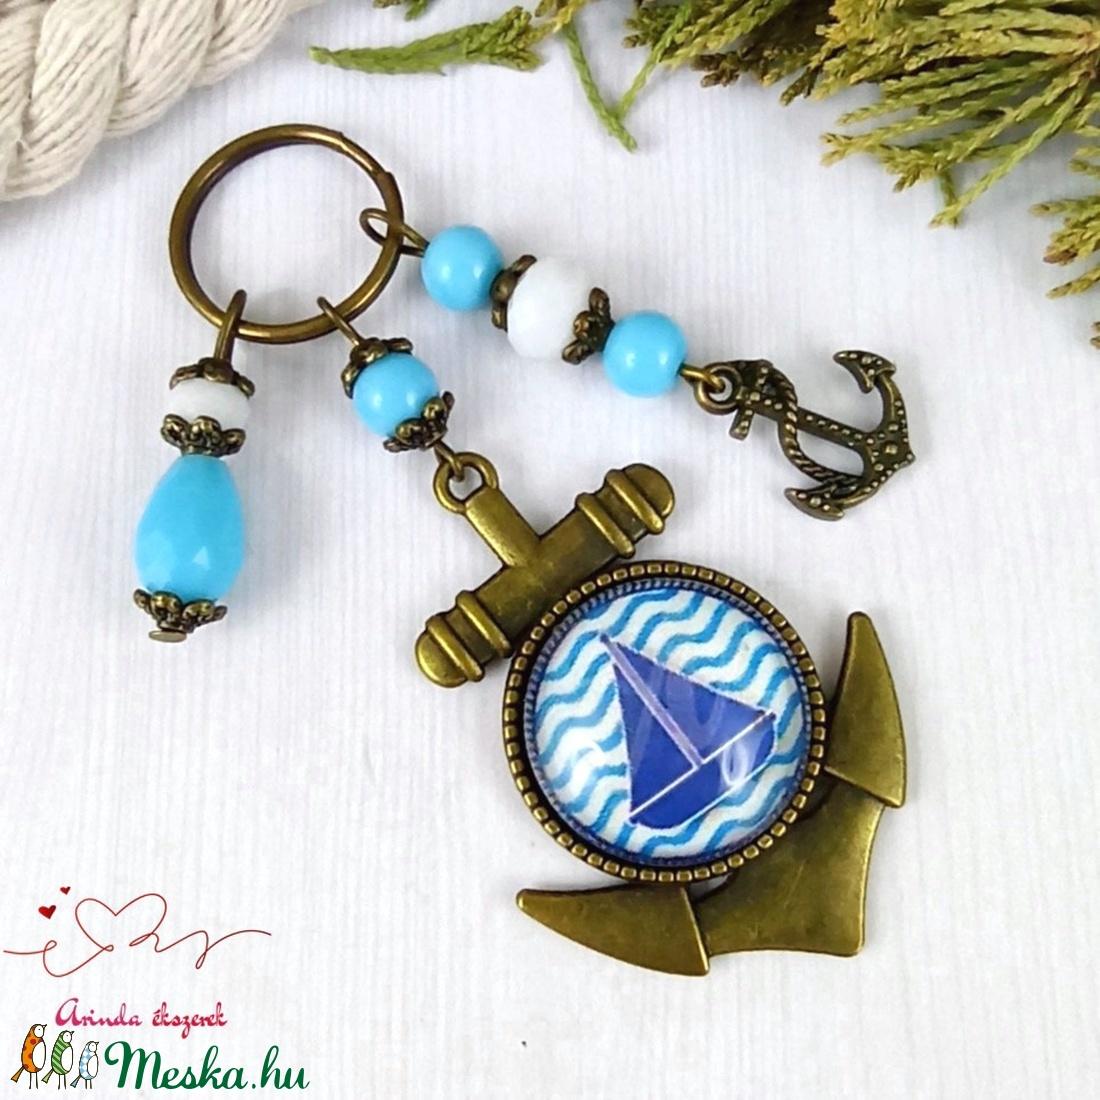 Sötétkék-világoskék hajó üveglencsés kulcstartó táskadísz bojtos nyár mikulás karácsony szülinap névnap ajándék  - táska & tok - kulcstartó & táskadísz - kulcstartó - Meska.hu